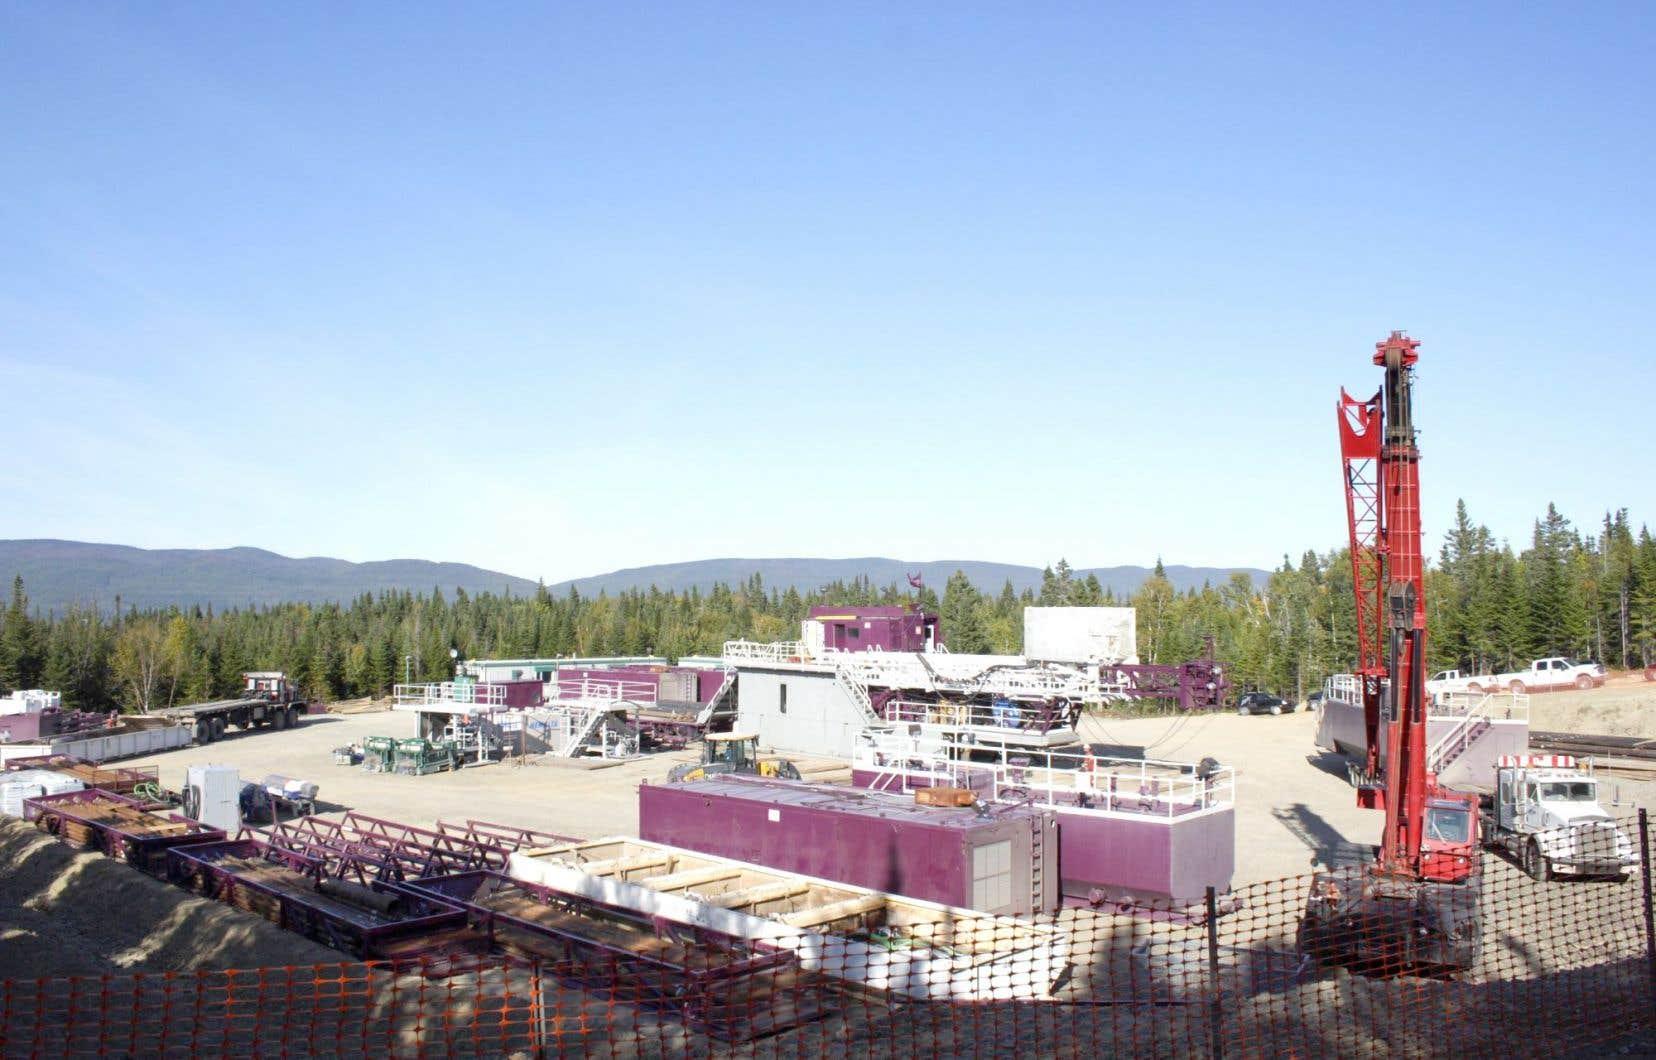 Le site Haldimand est situé à 350 mètres d'une zone résidentielle.